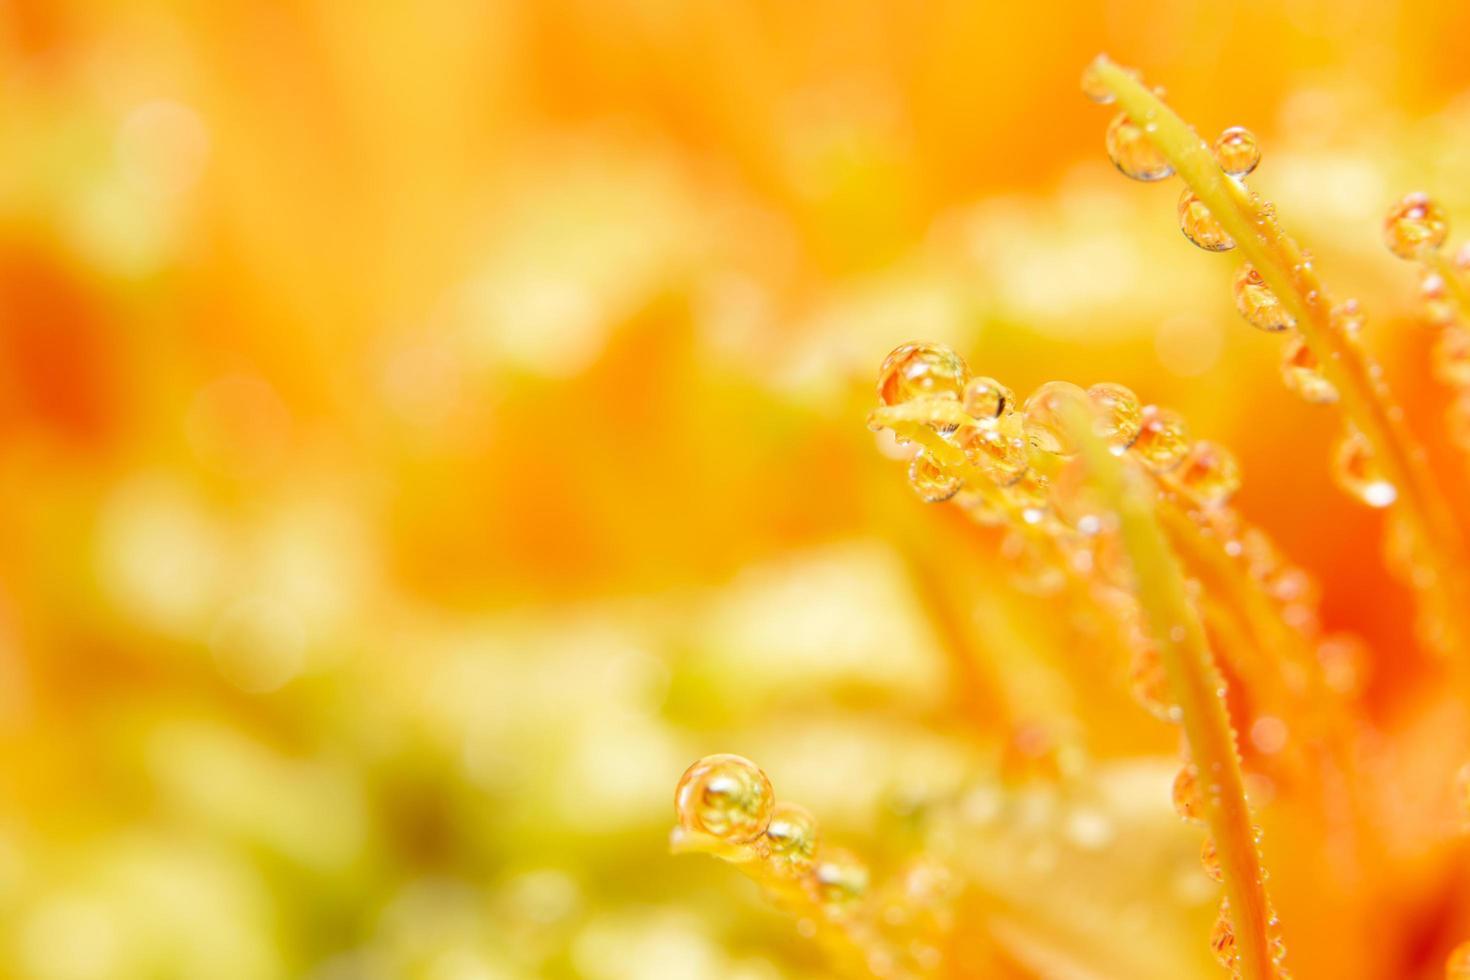 Wassertropfen auf orange Blütenblättern, Nahaufnahme foto